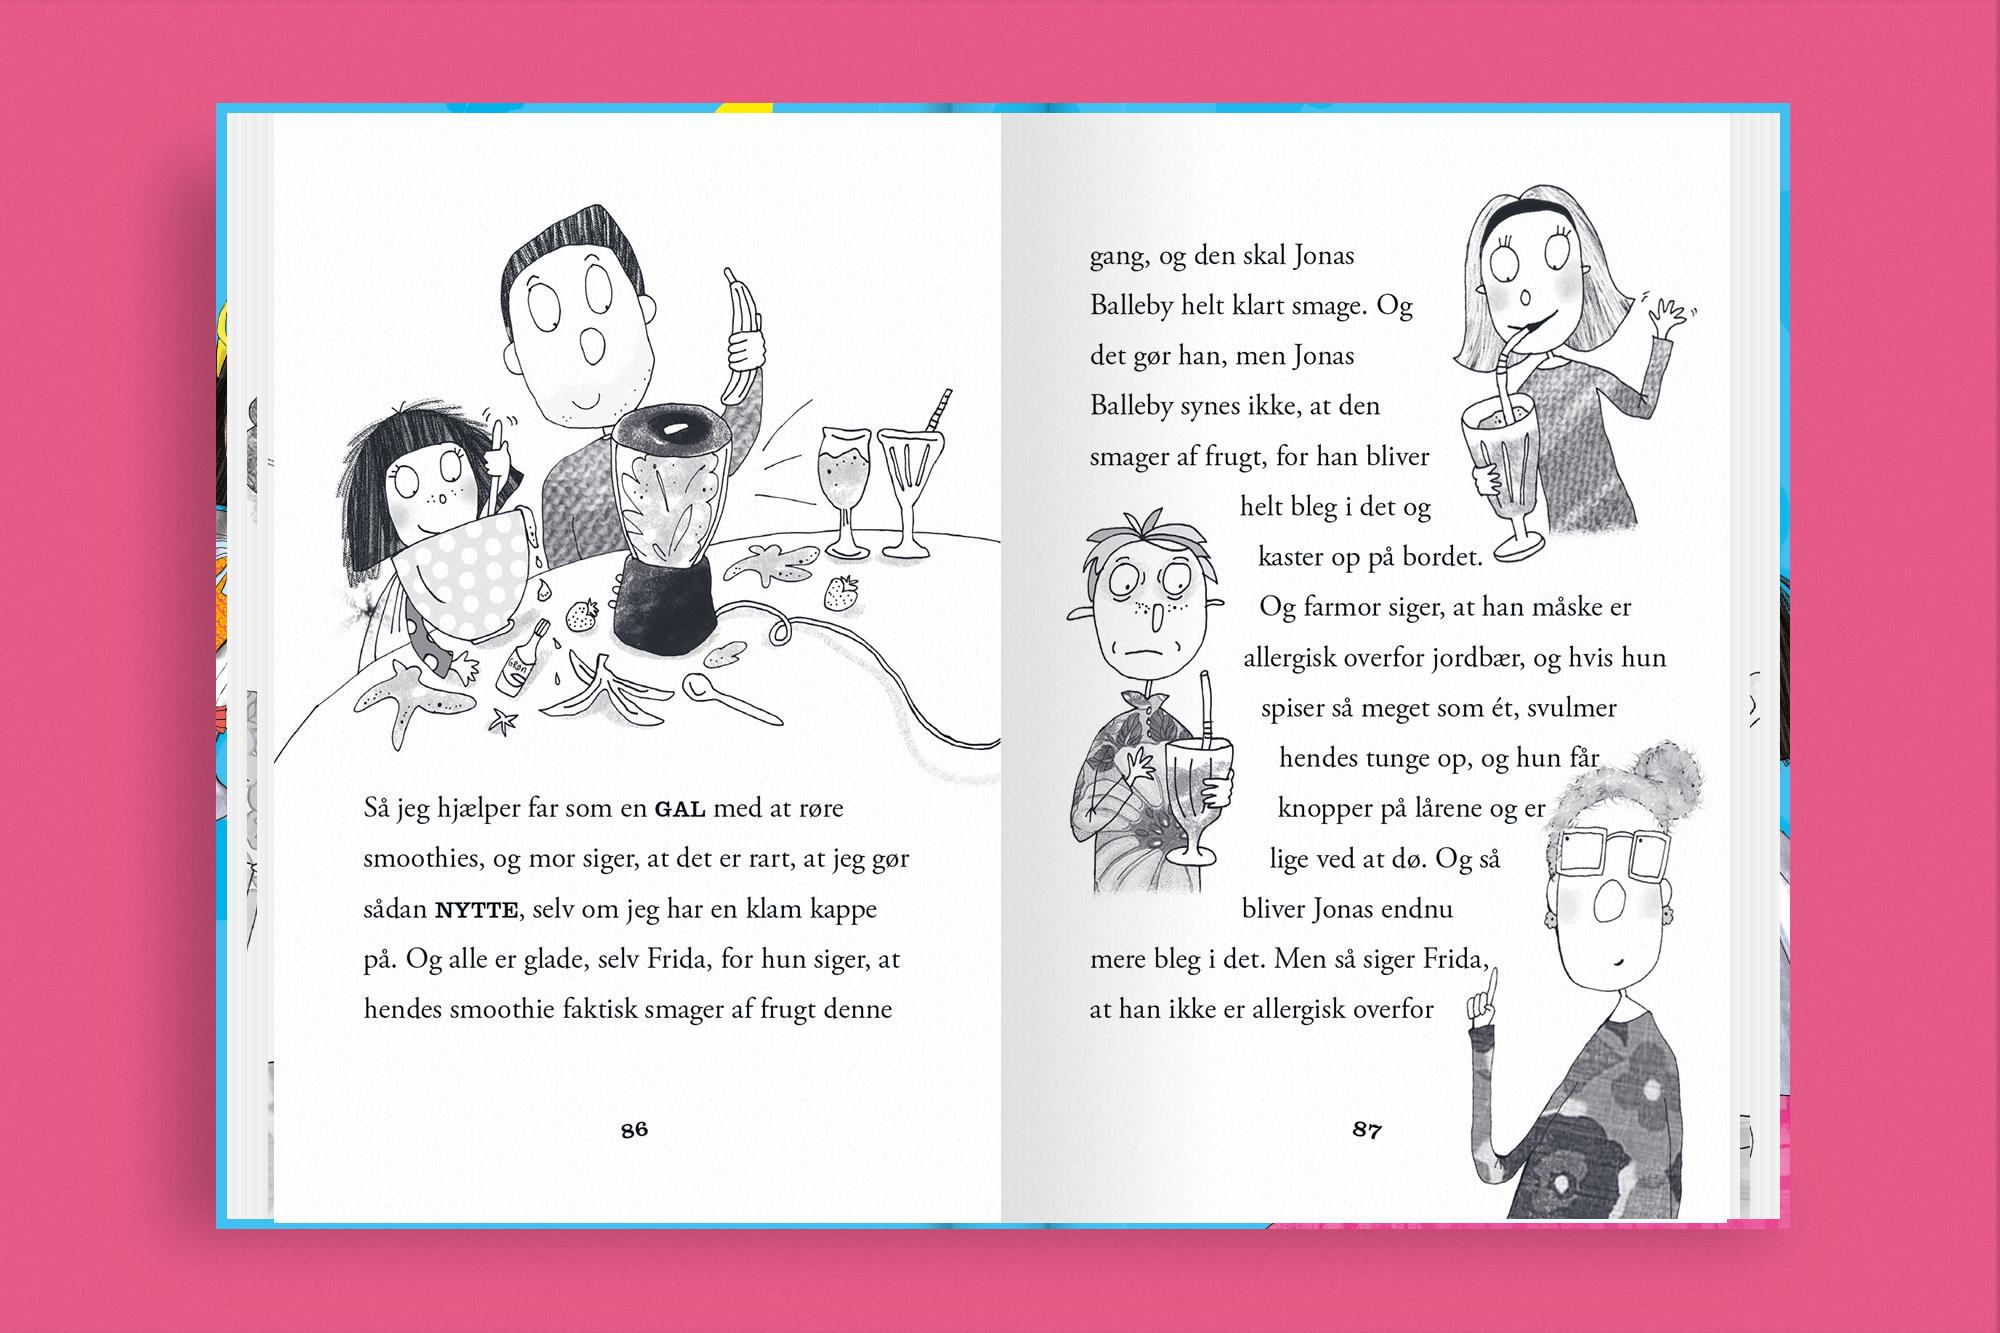 bogtilrettelaegning-bogopsaetning-boerneboger-grafiker-malene-hald-7